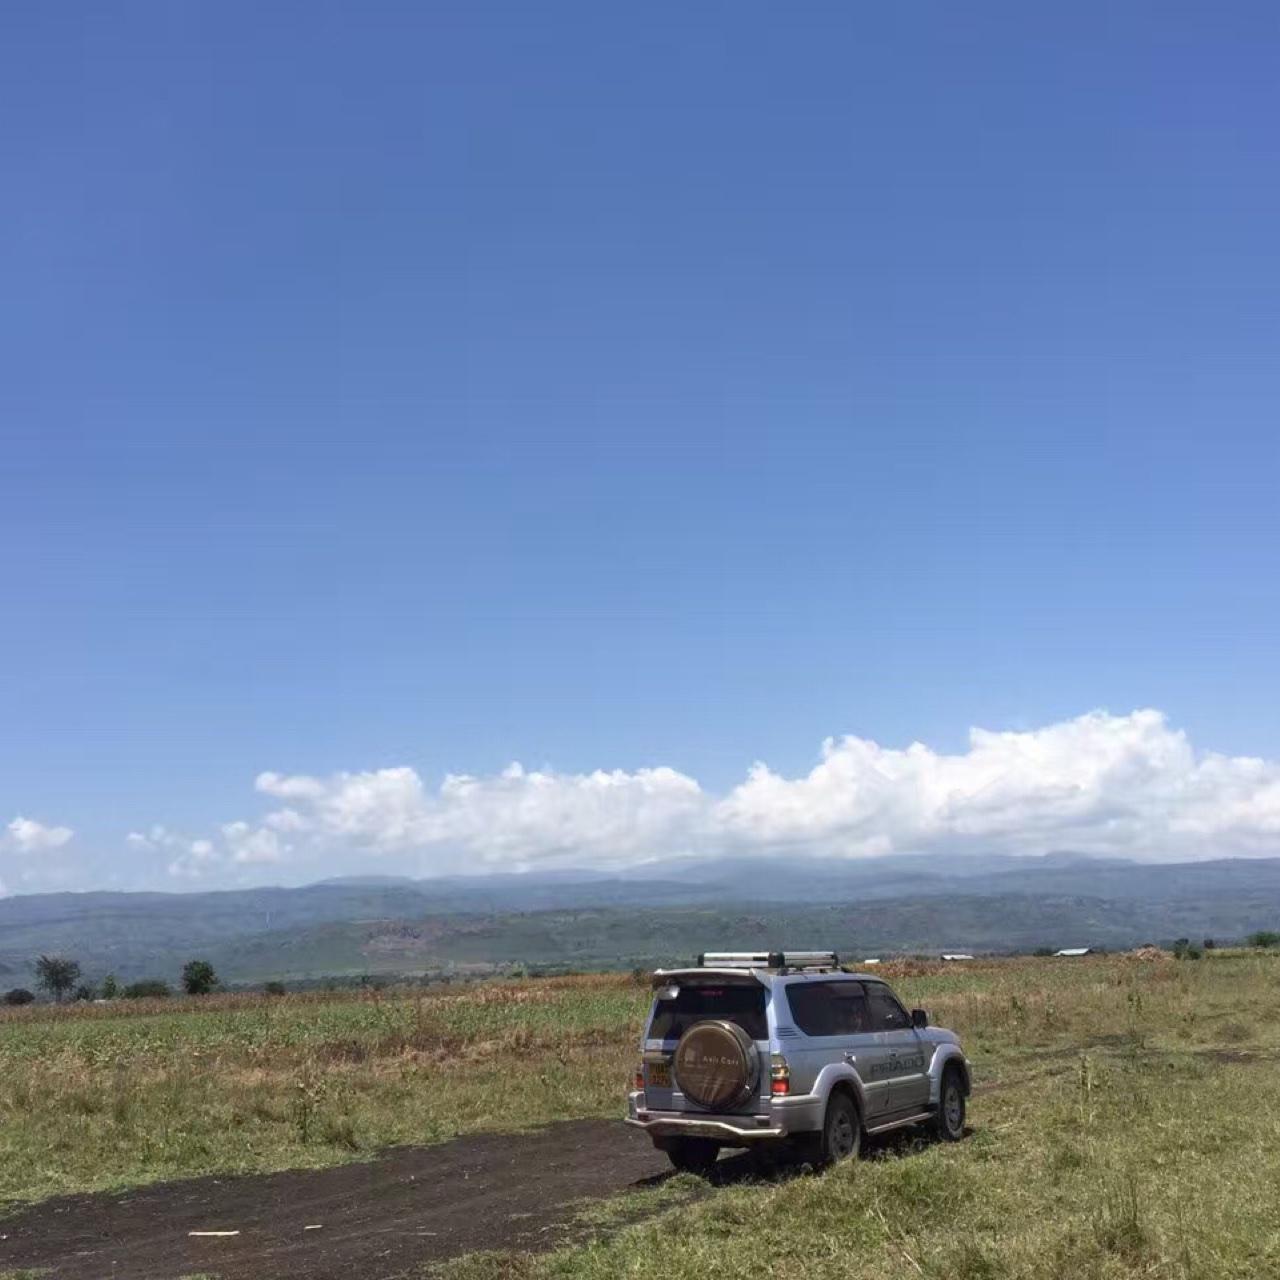 我在乌干达